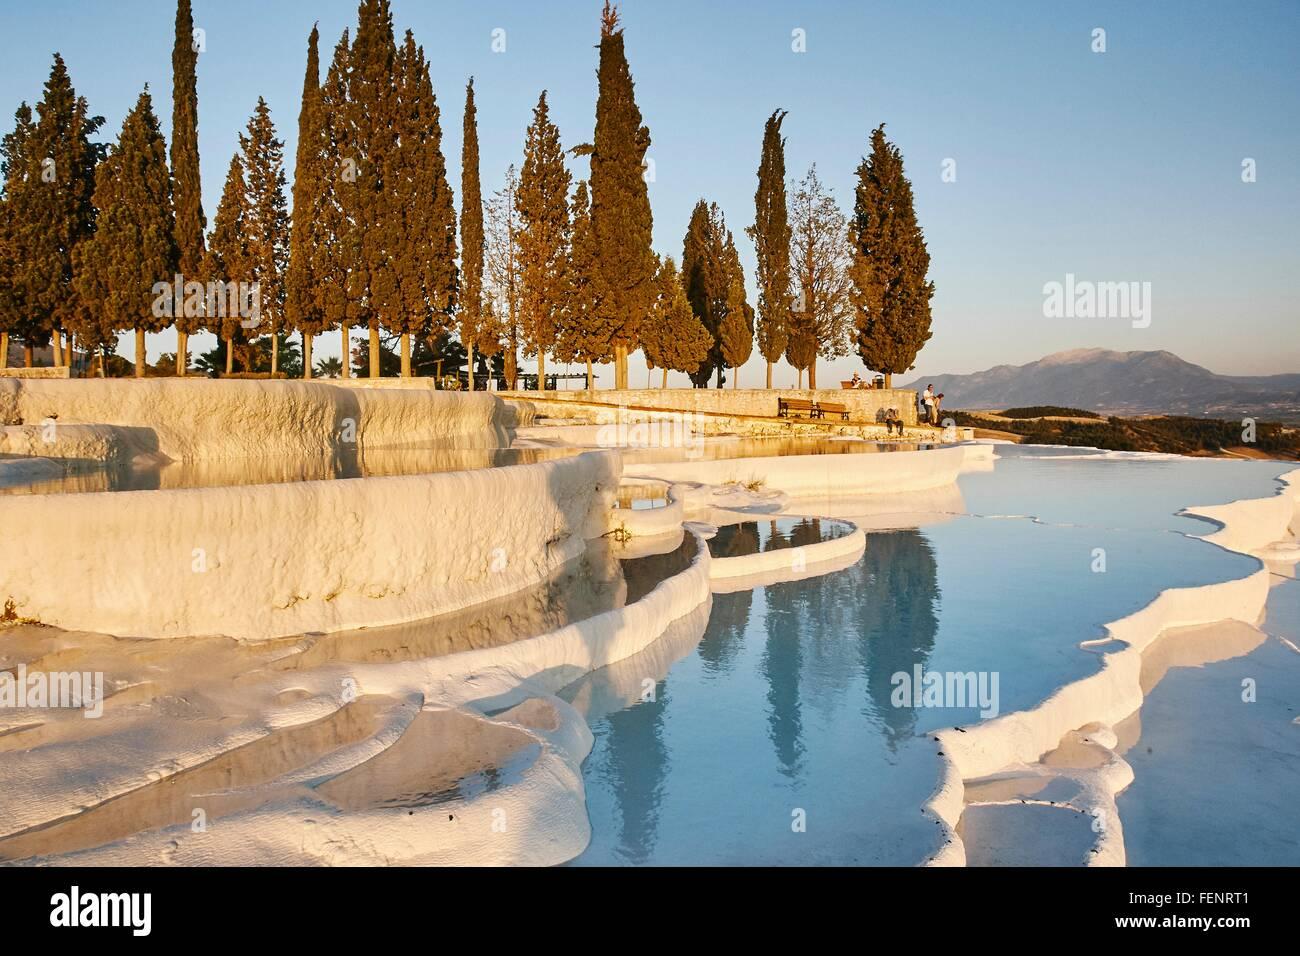 Hot spring terraces, Pamukkale, Anatolia, Turkey - Stock Image